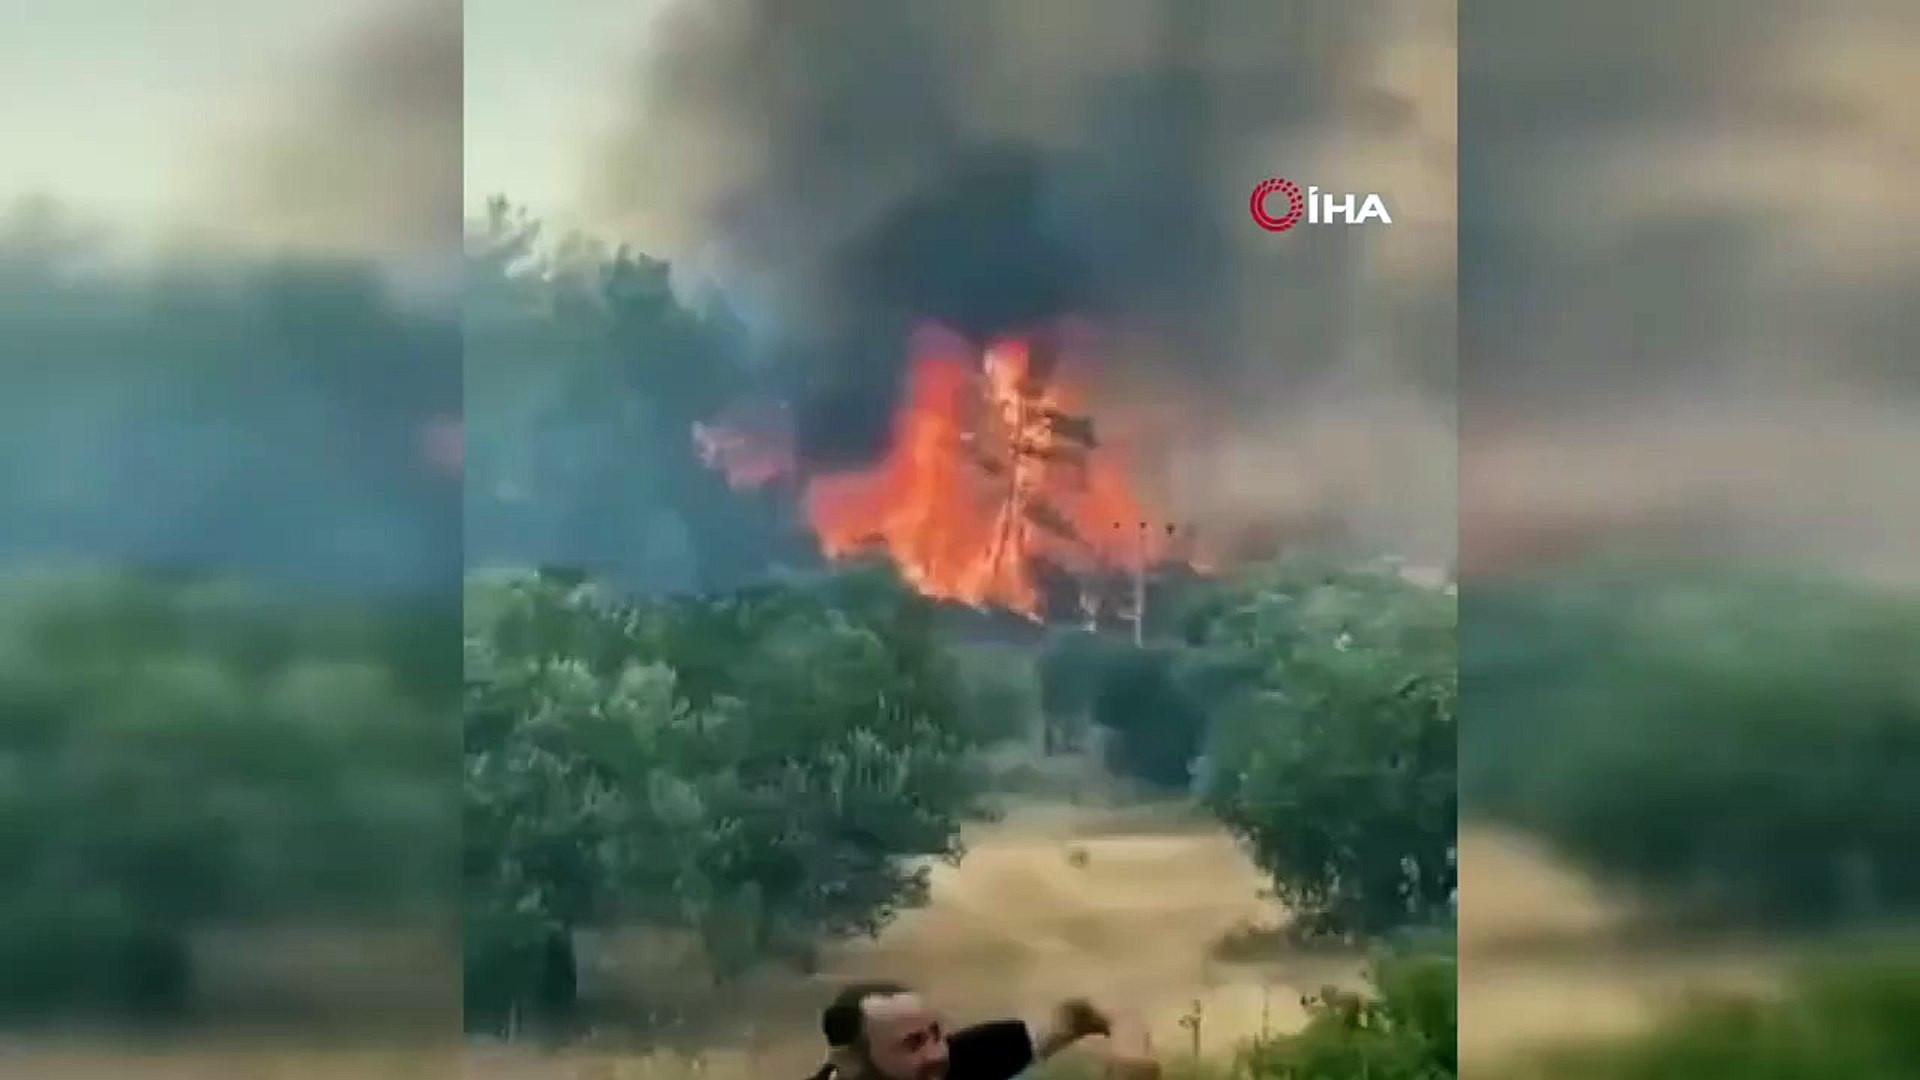 Her yer saniyeler içinde yandı: Patlayan kozalaklar yangını böyle büyüttü